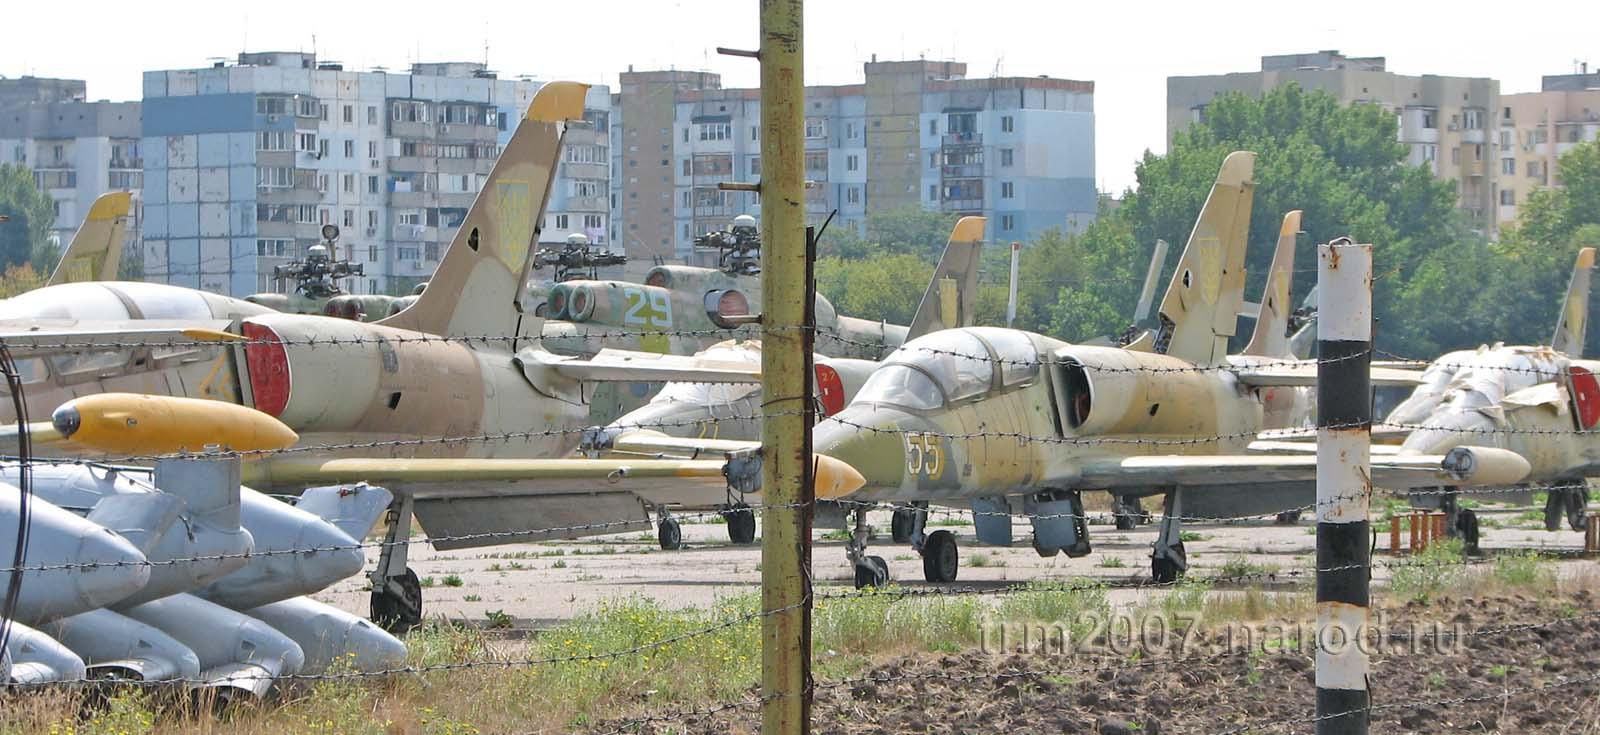 Вертолеты МИ-8 и МИ-6 на Школьном аэродроме в Одессе